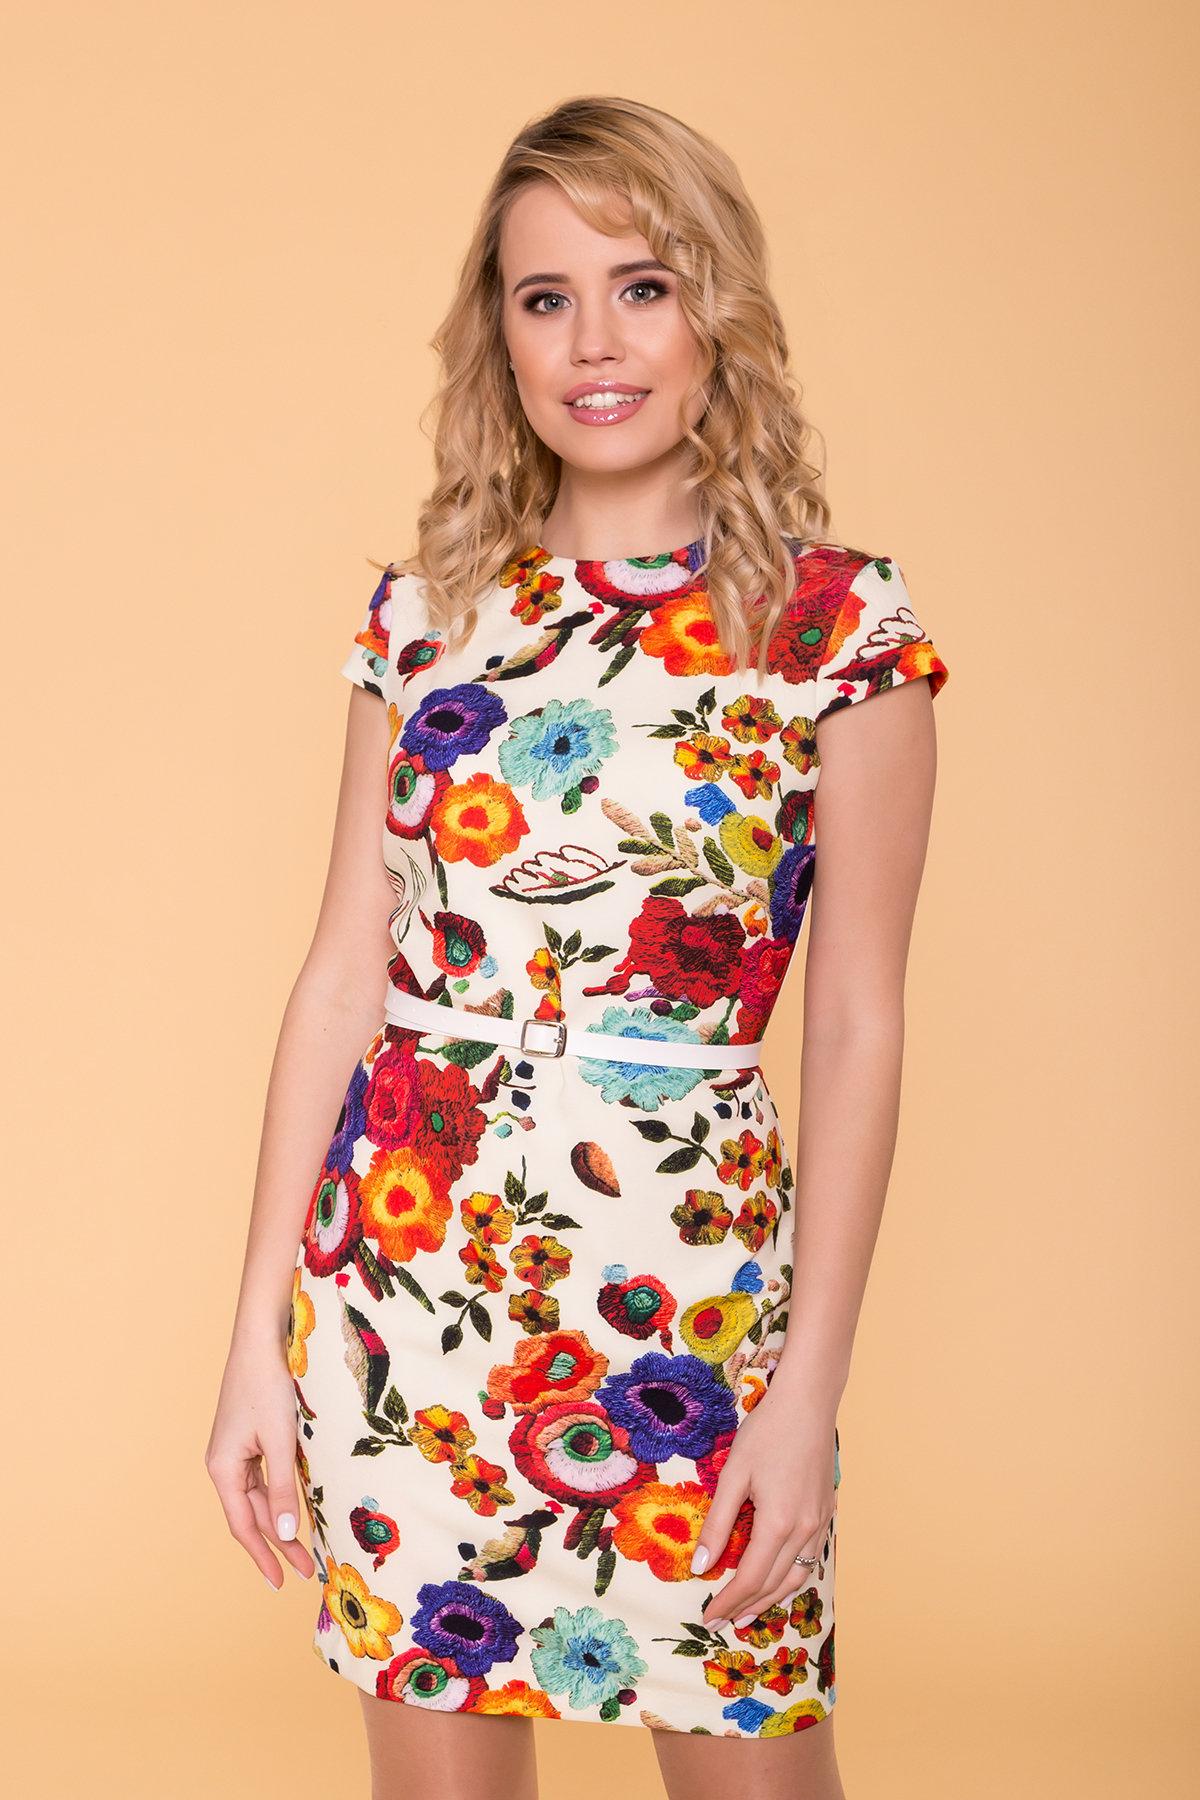 Платье Пиония лайт 942 АРТ. 42007 Цвет: Цветы комби молоко - фото 3, интернет магазин tm-modus.ru